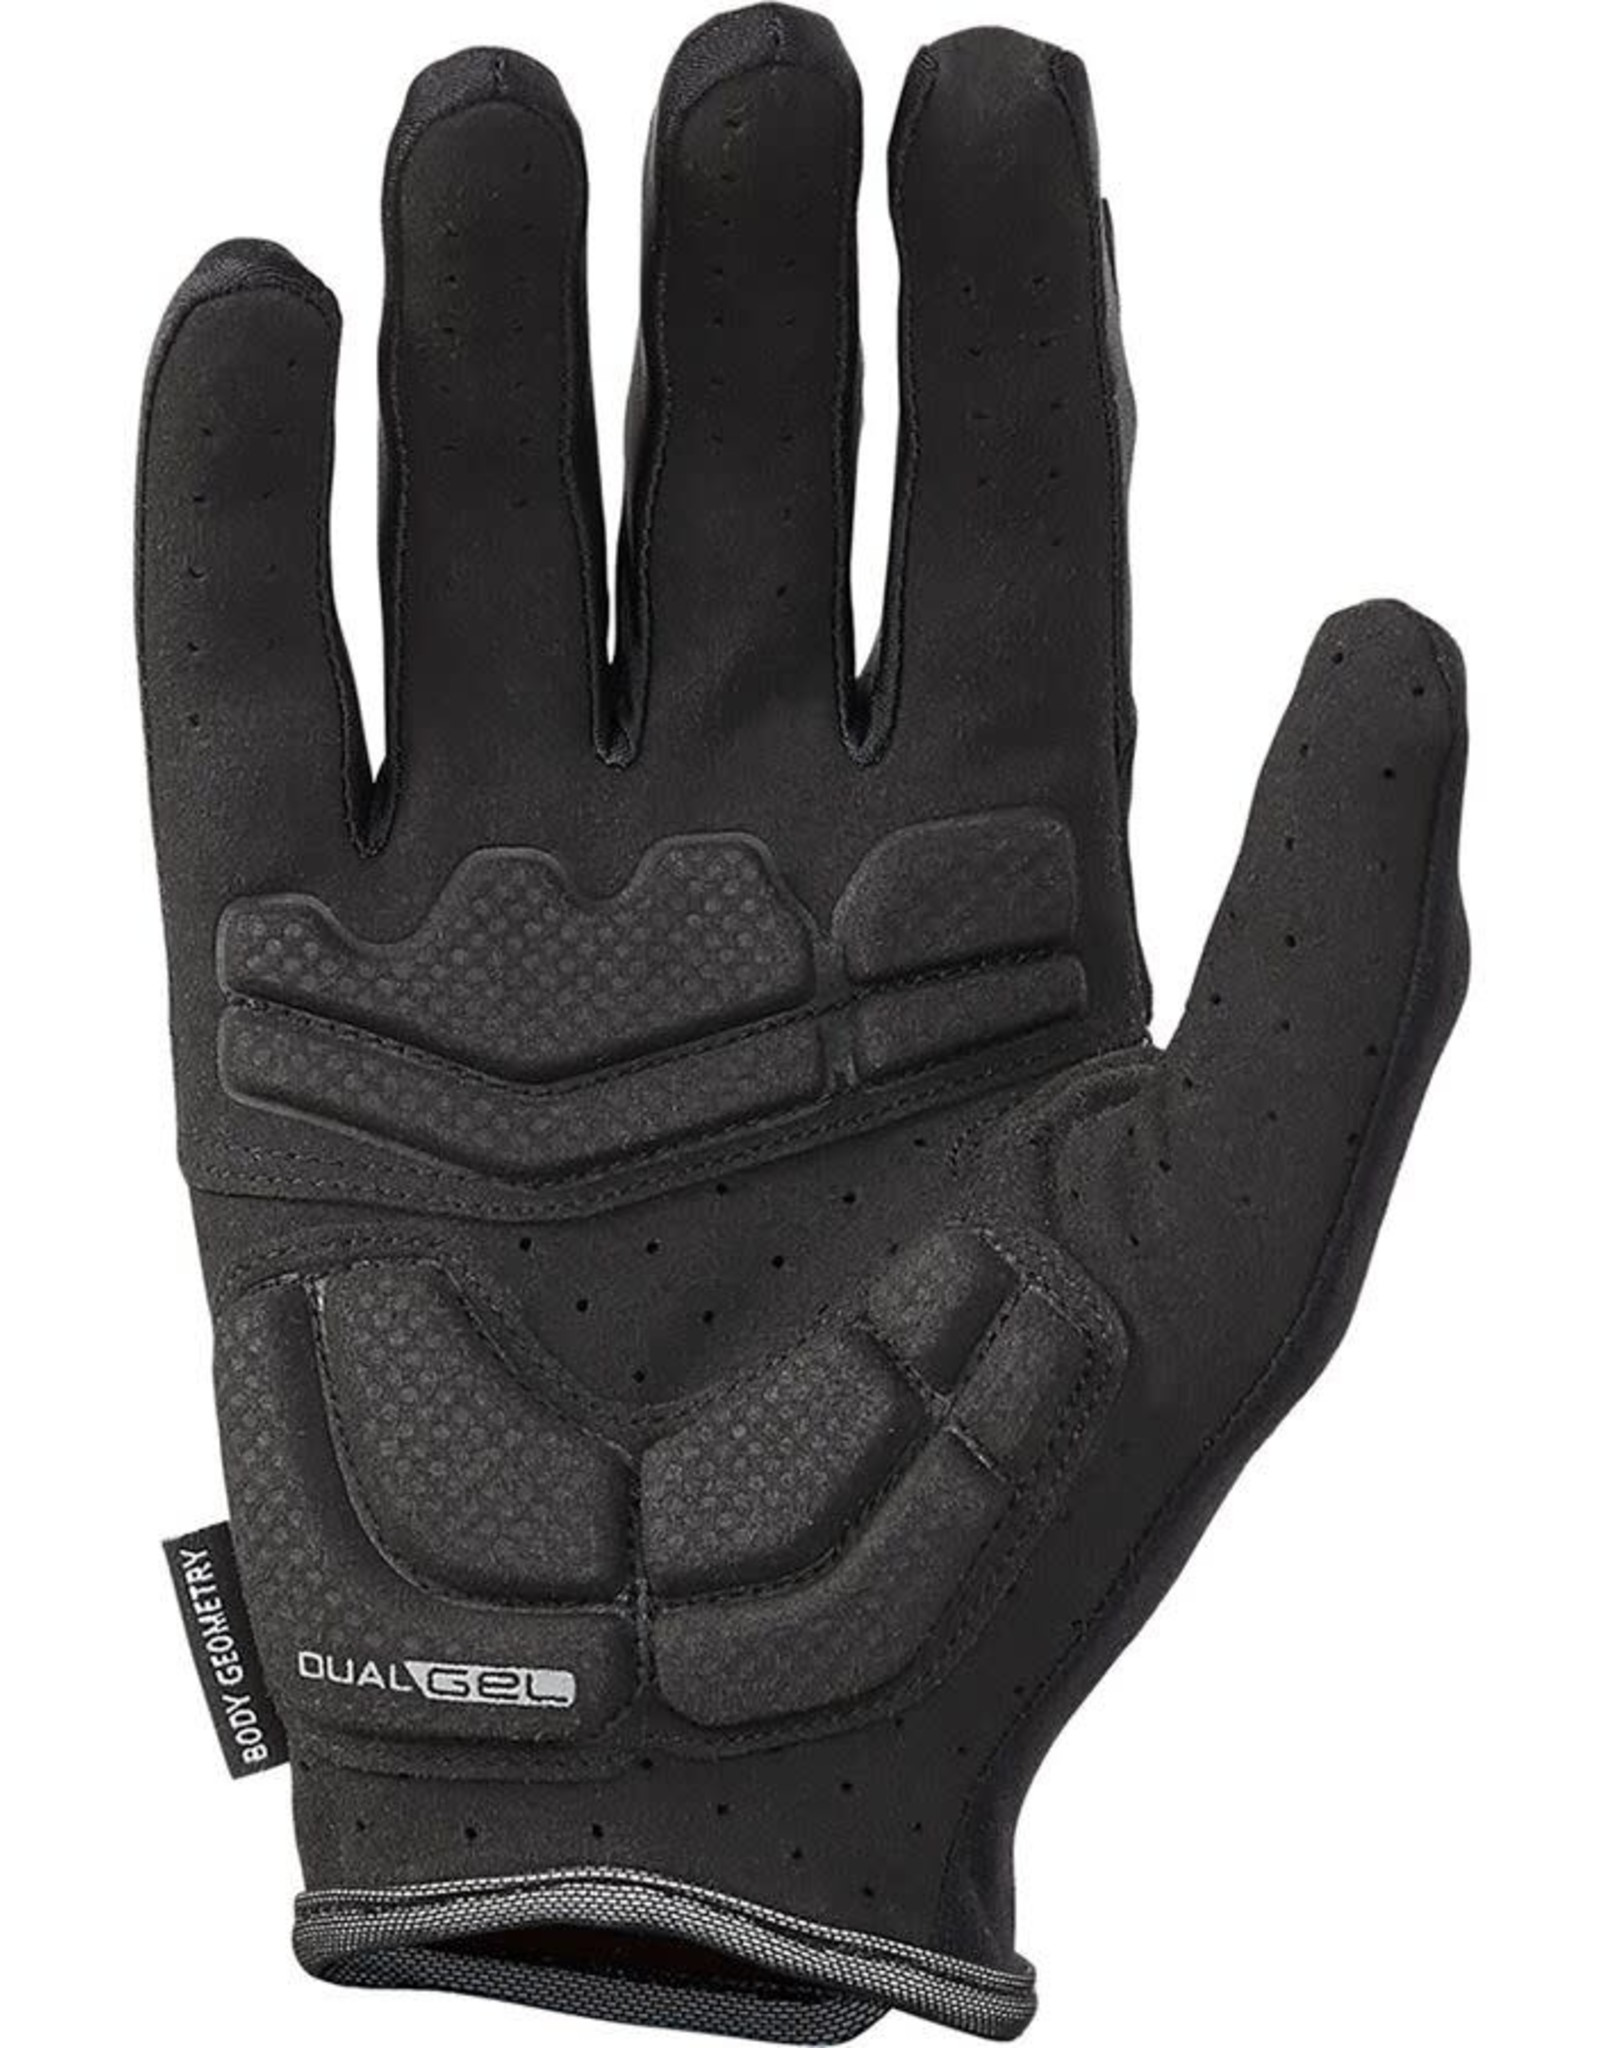 SPECIALIZED SPECIALIZED Gloves BG DUAL GEL LF W